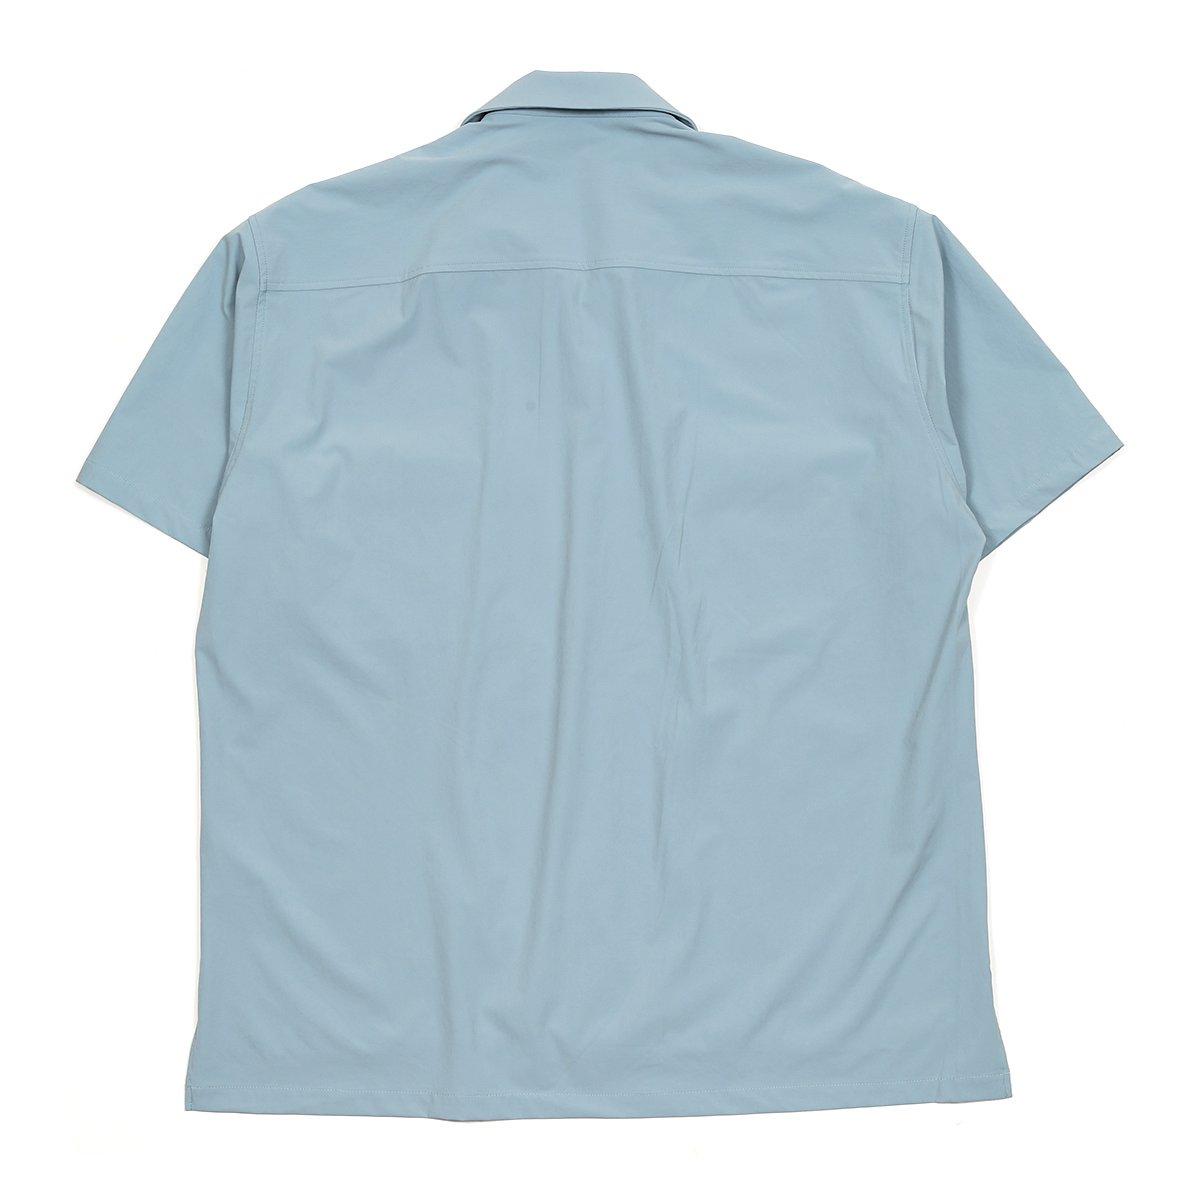 S/S W Pocket Shirts 詳細画像17